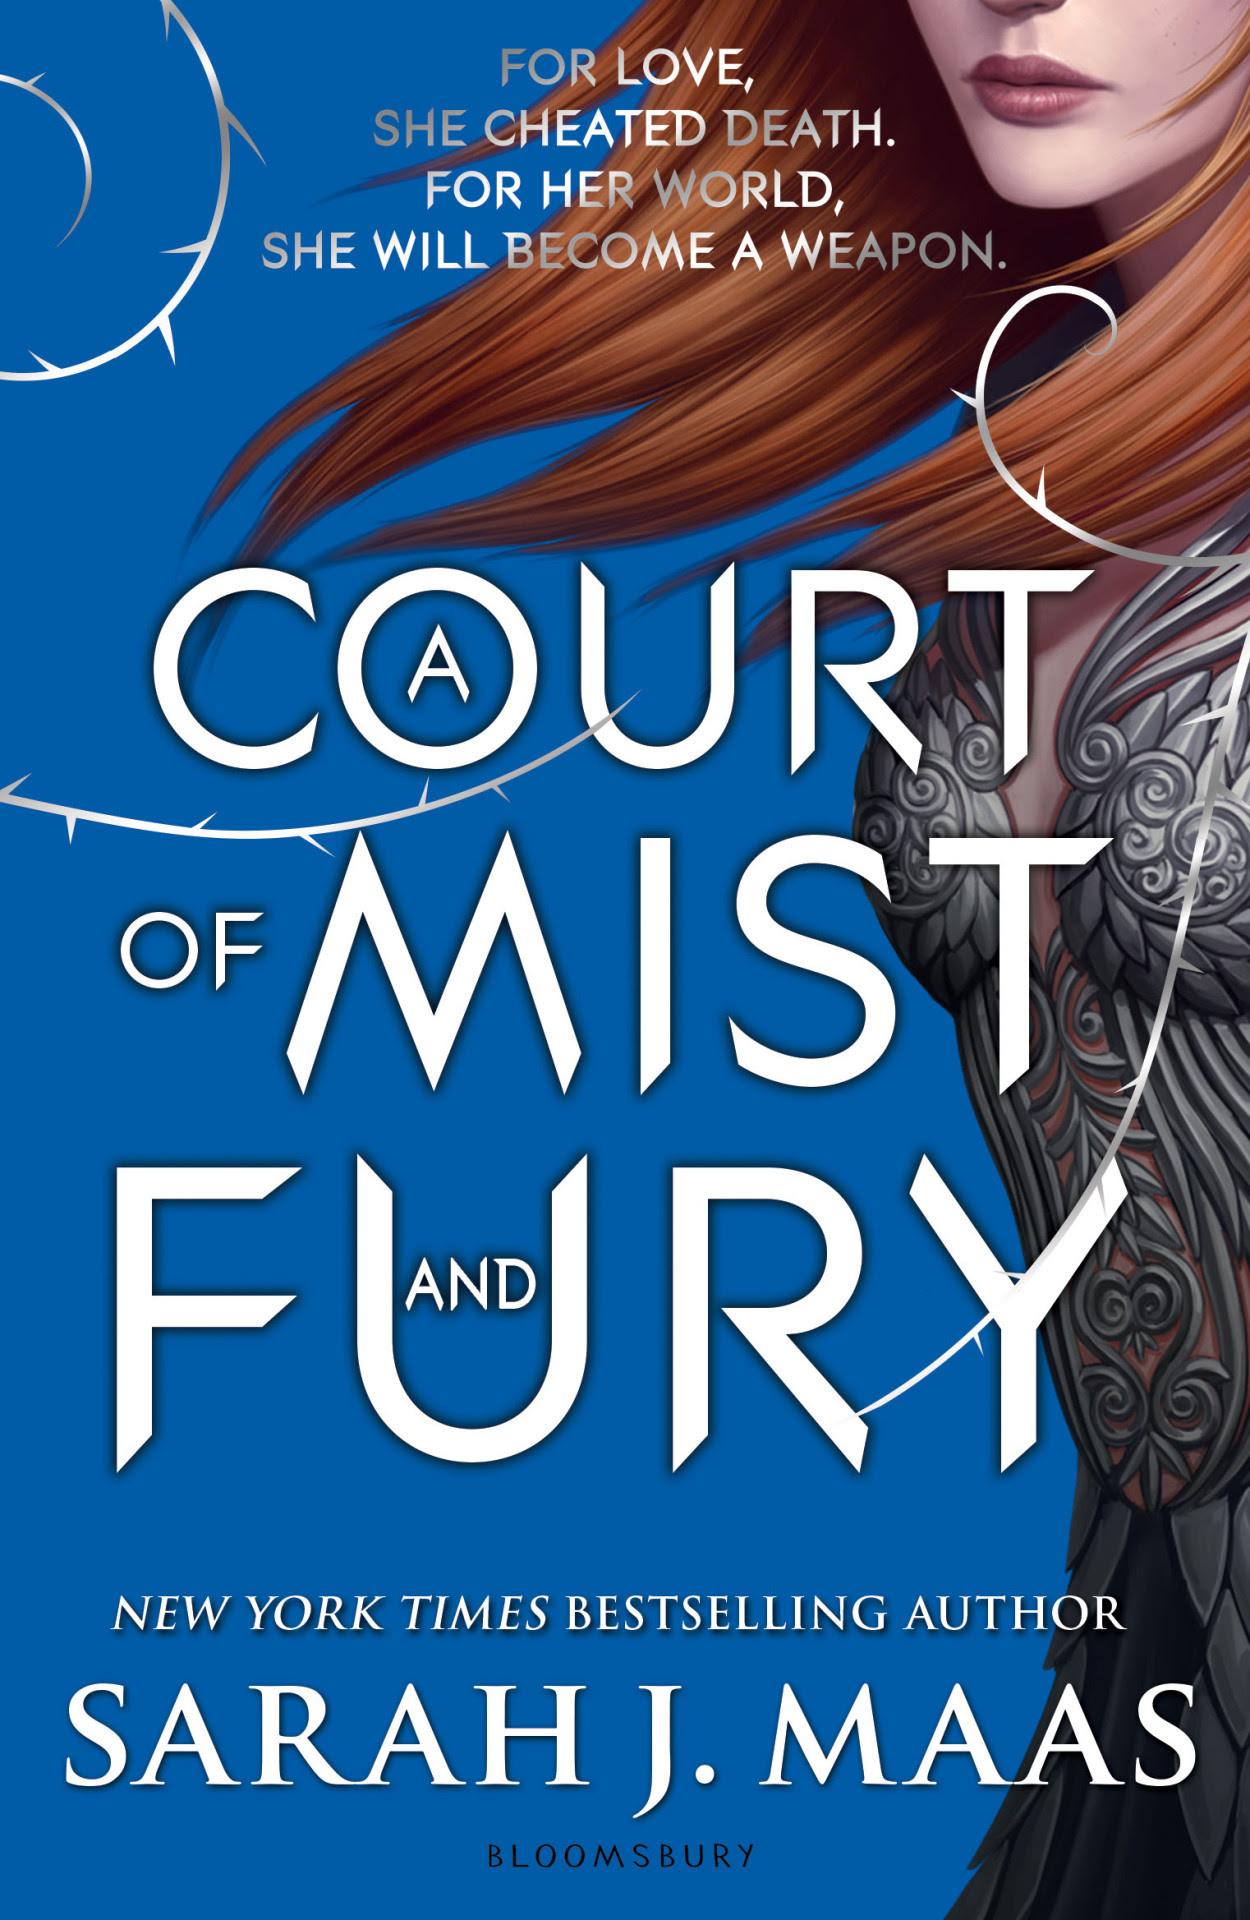 Resultado de imagen para sarah j. maas a court of mist and fury en español